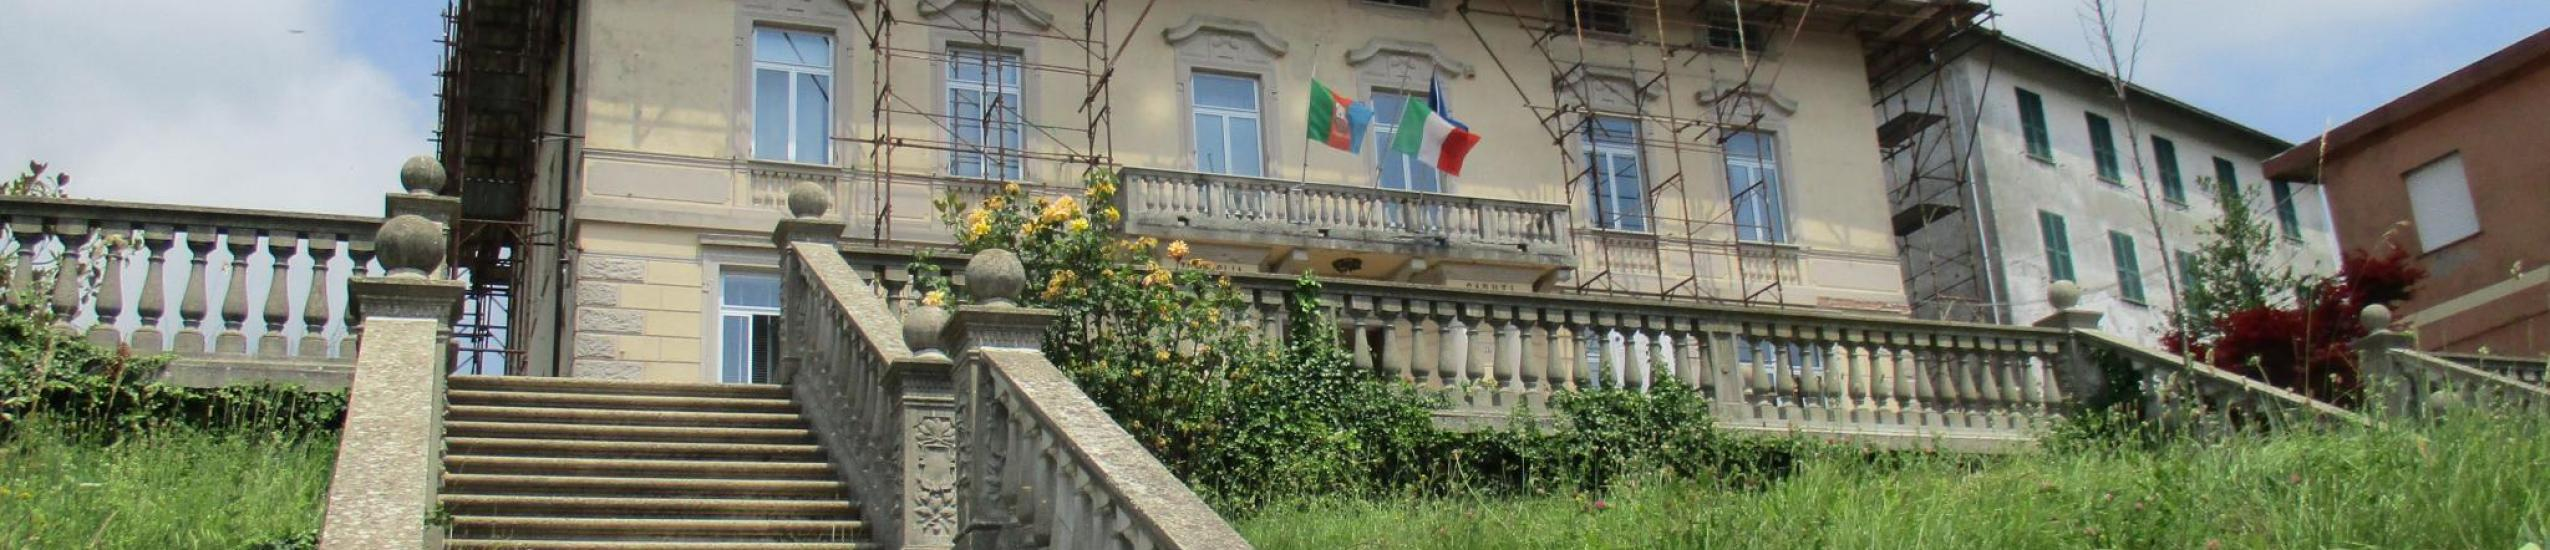 Istituto Comprensivo Valtrebbia